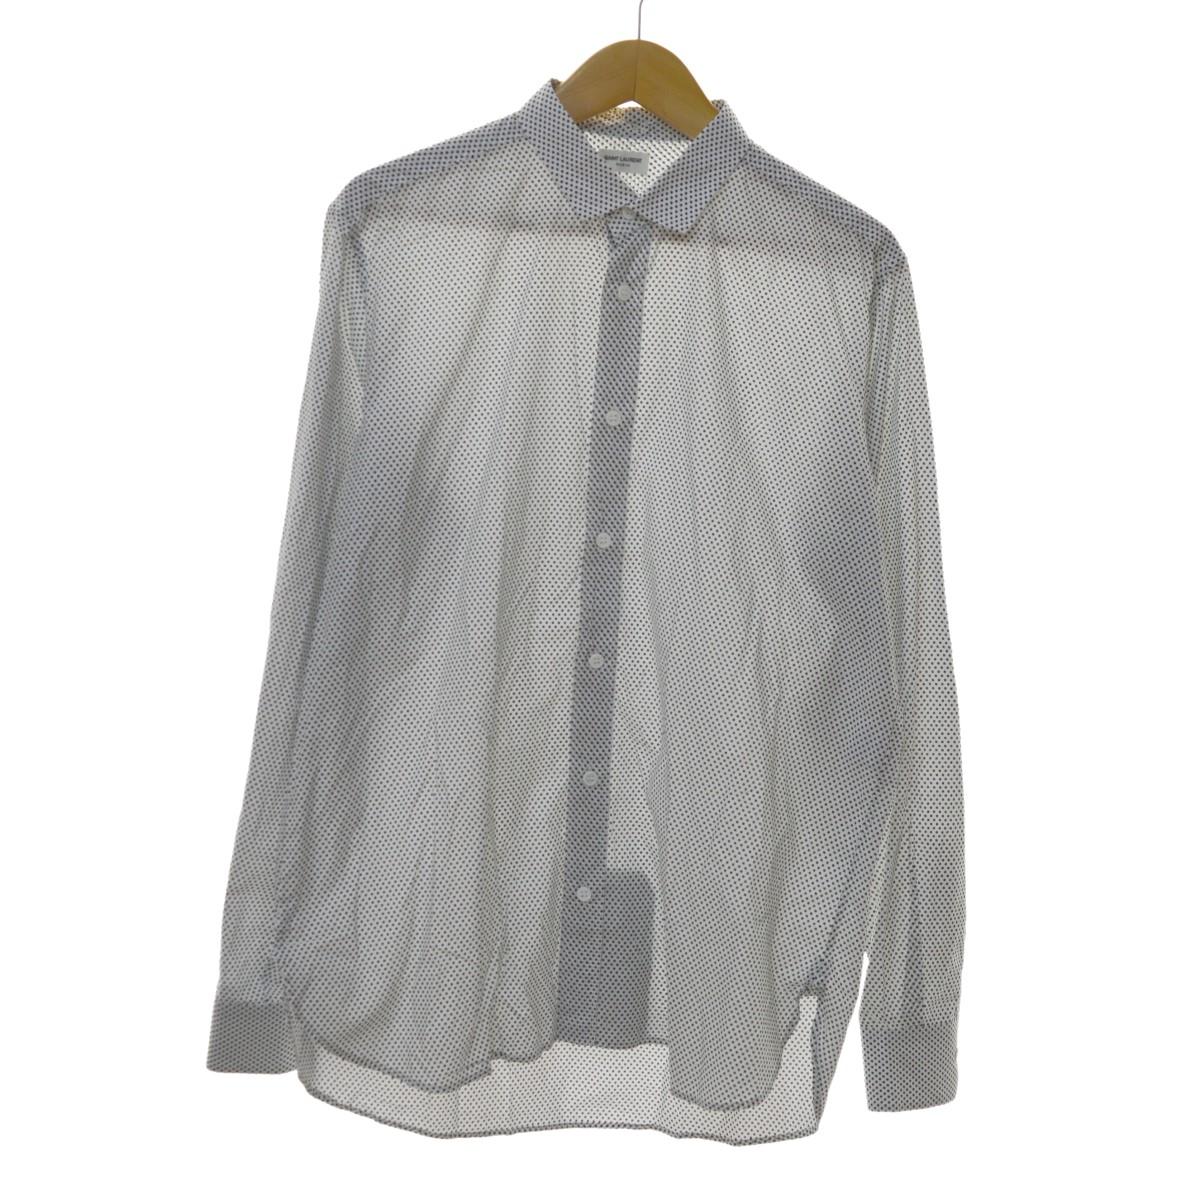 【中古】SAINT LAURENT PARIS レギュラーカラードットシャツ ホワイト×ブラック サイズ:40 15 3/4 【100320】(サンローランパリ)